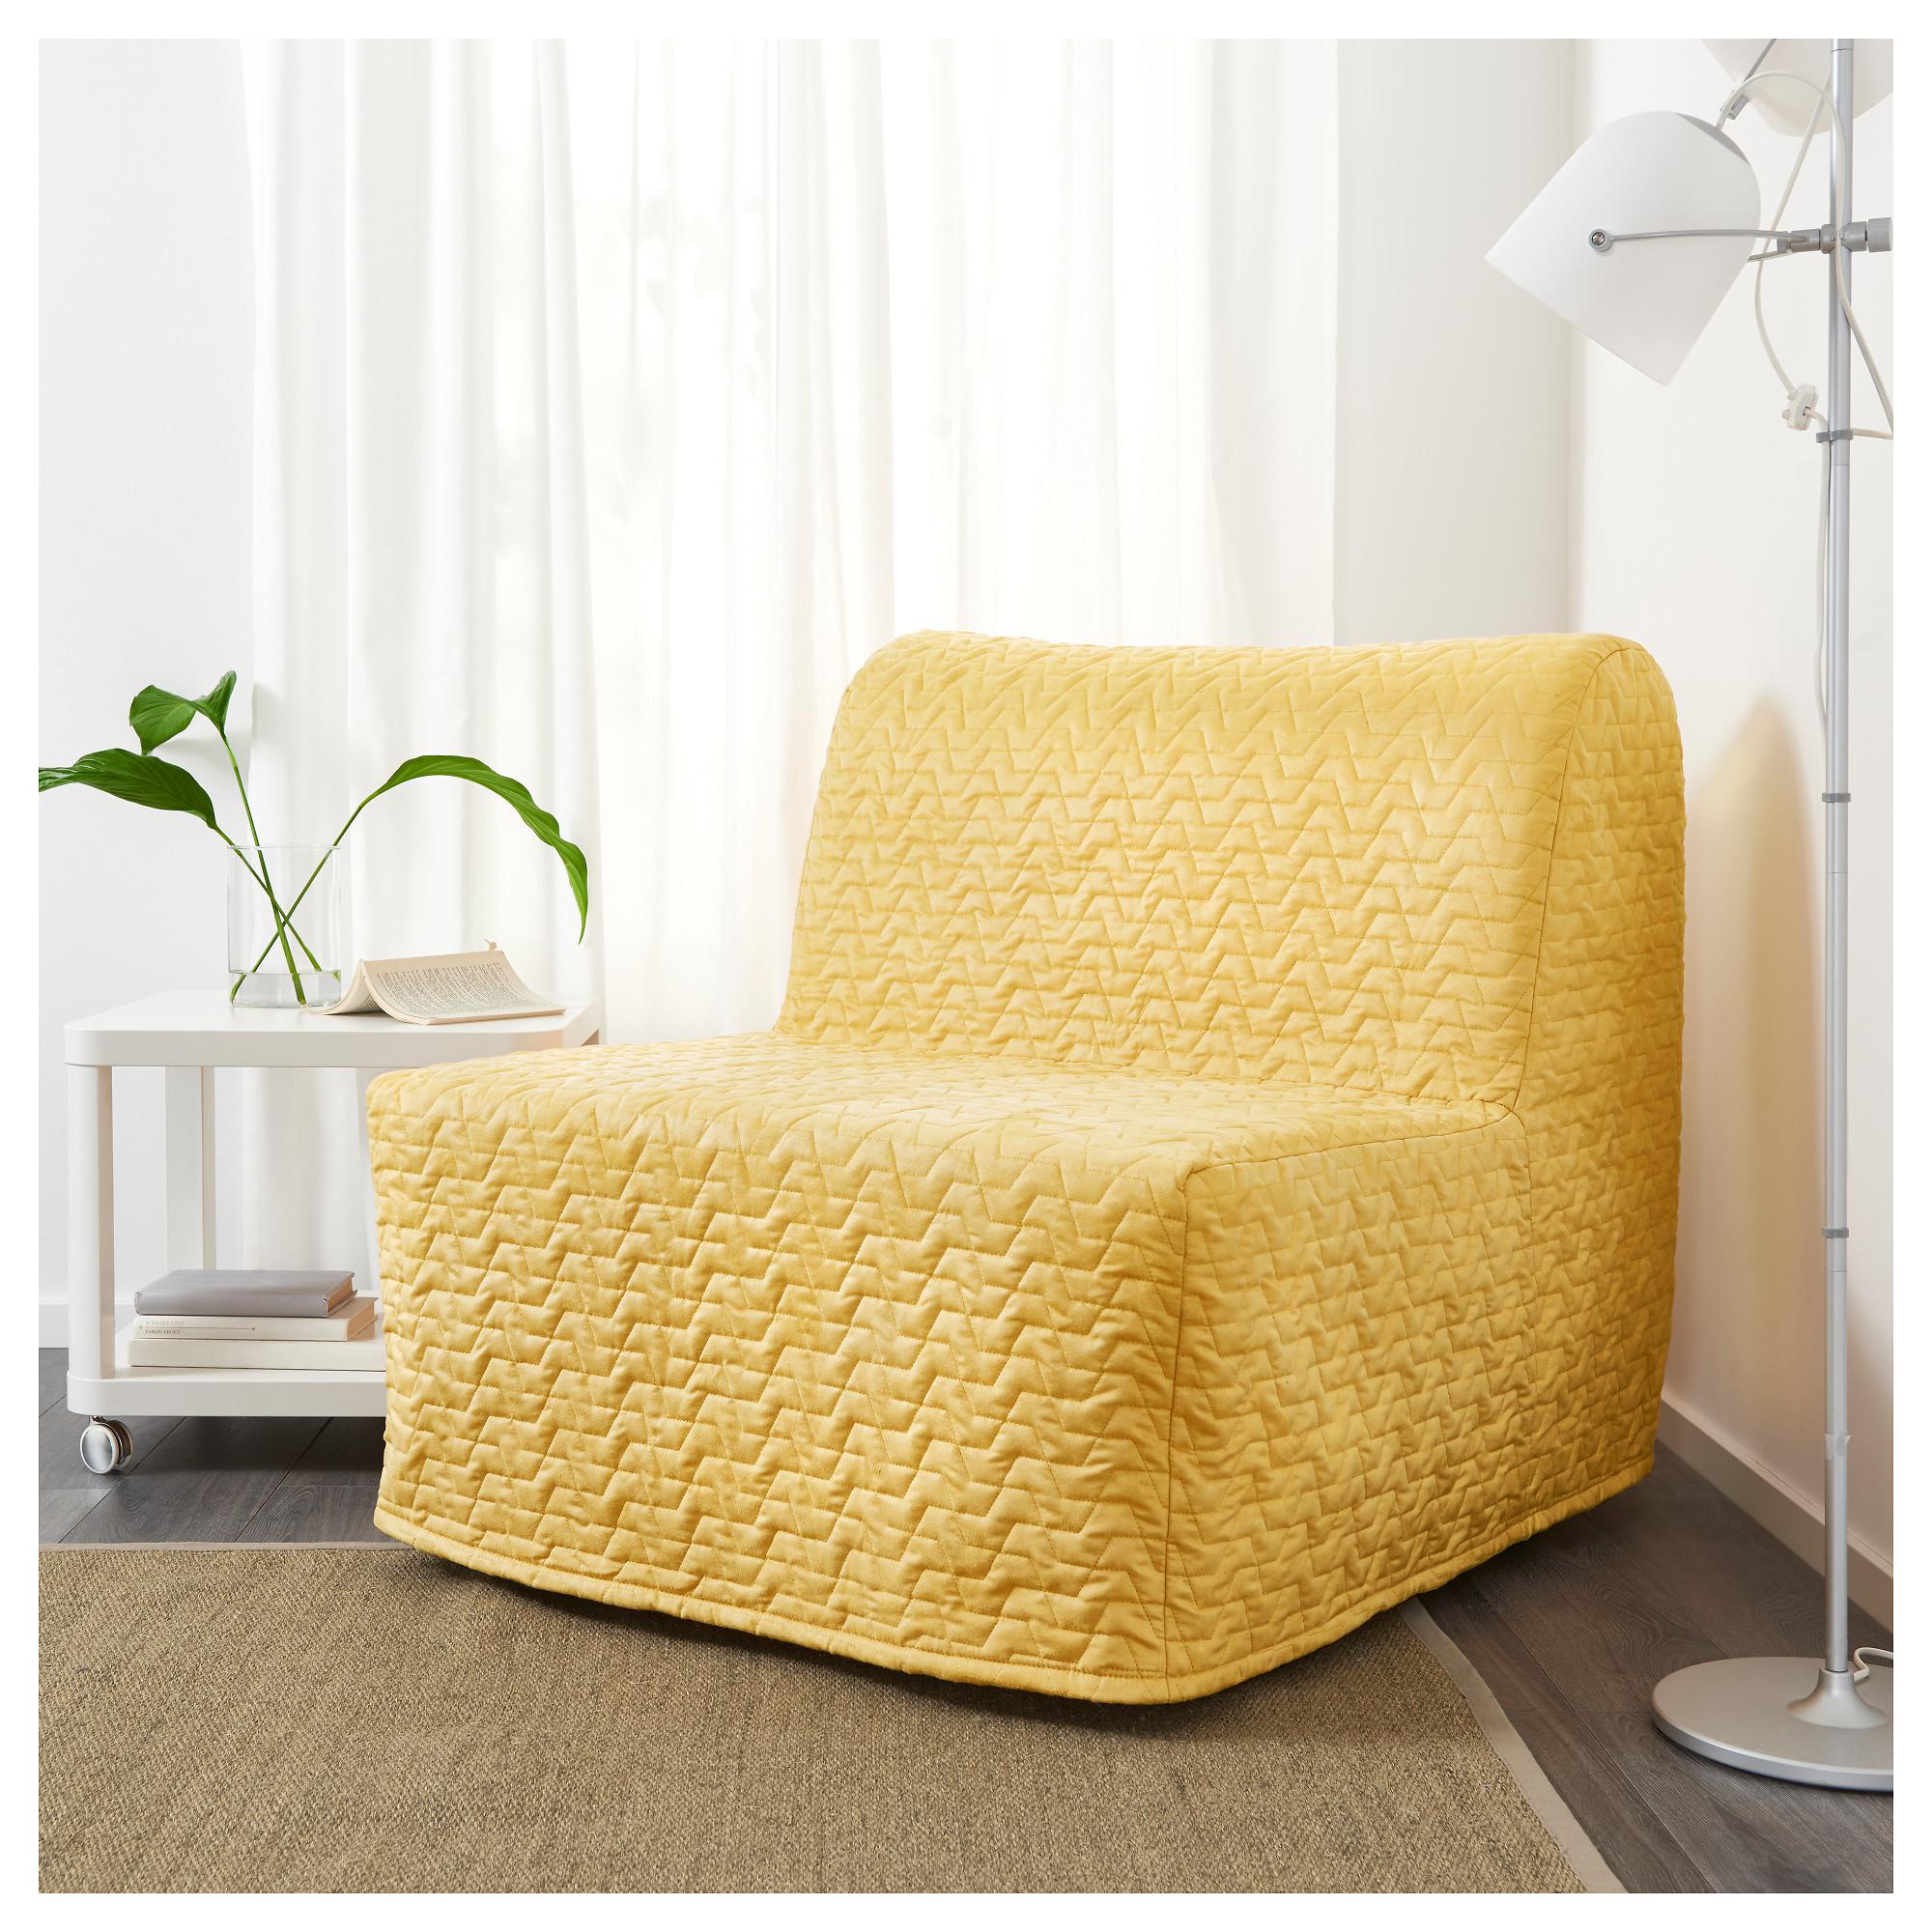 Выбираем мебель для спальни желтого цвета